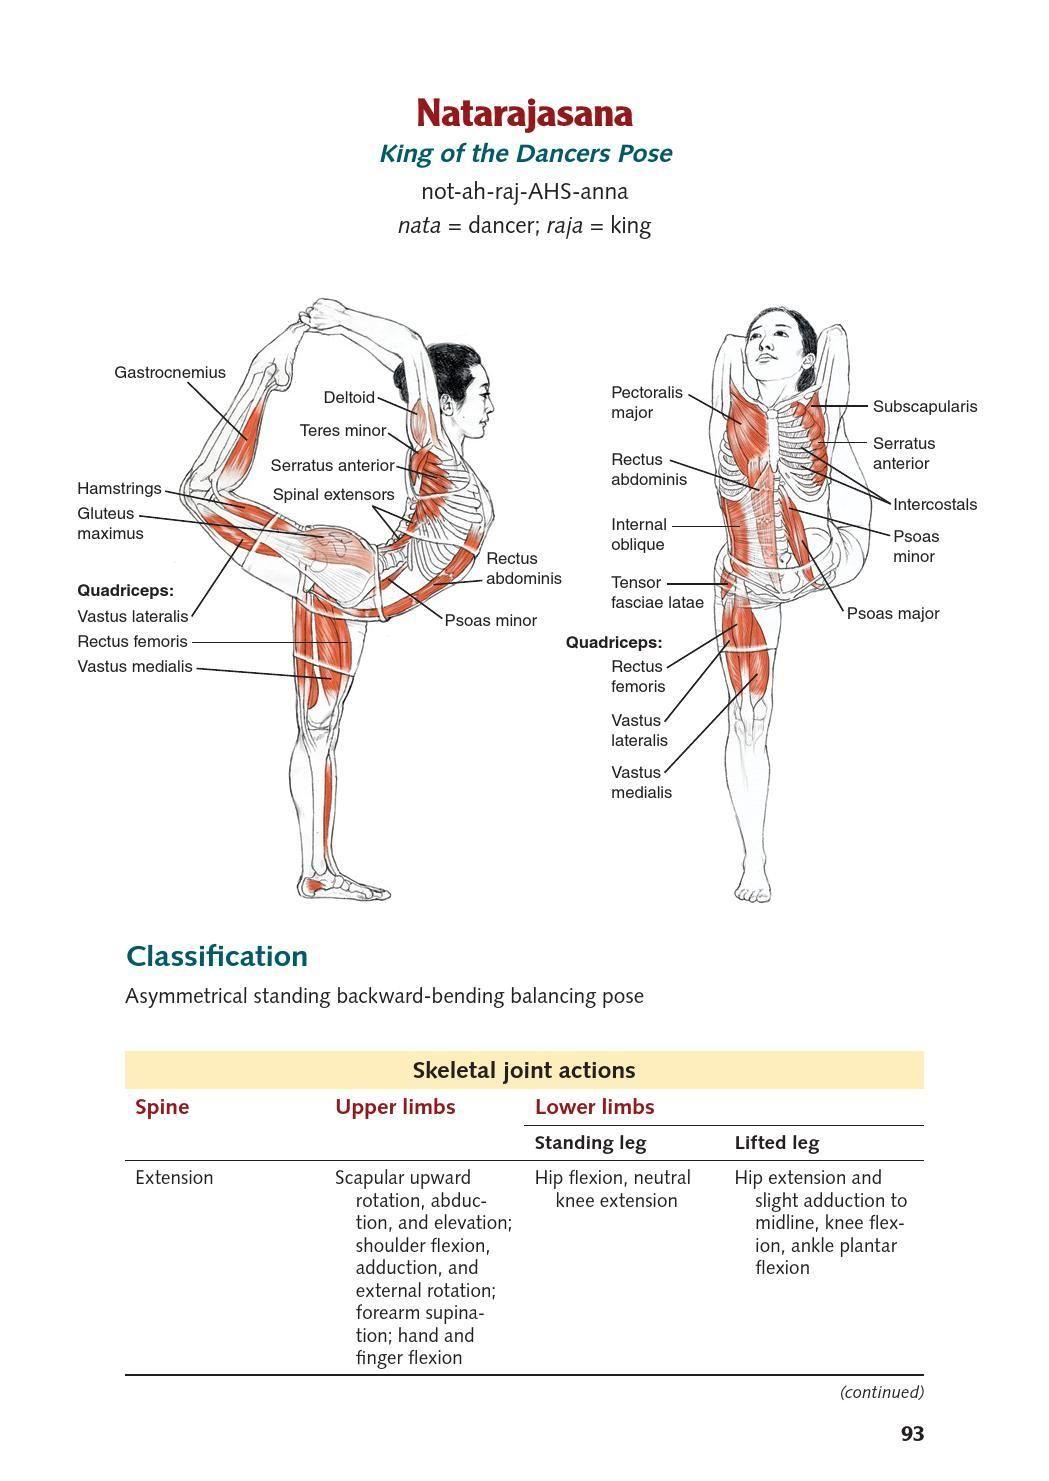 Fein Leslie Kaminoff Yoga Anatomie Fotos - Anatomie Ideen - finotti.info